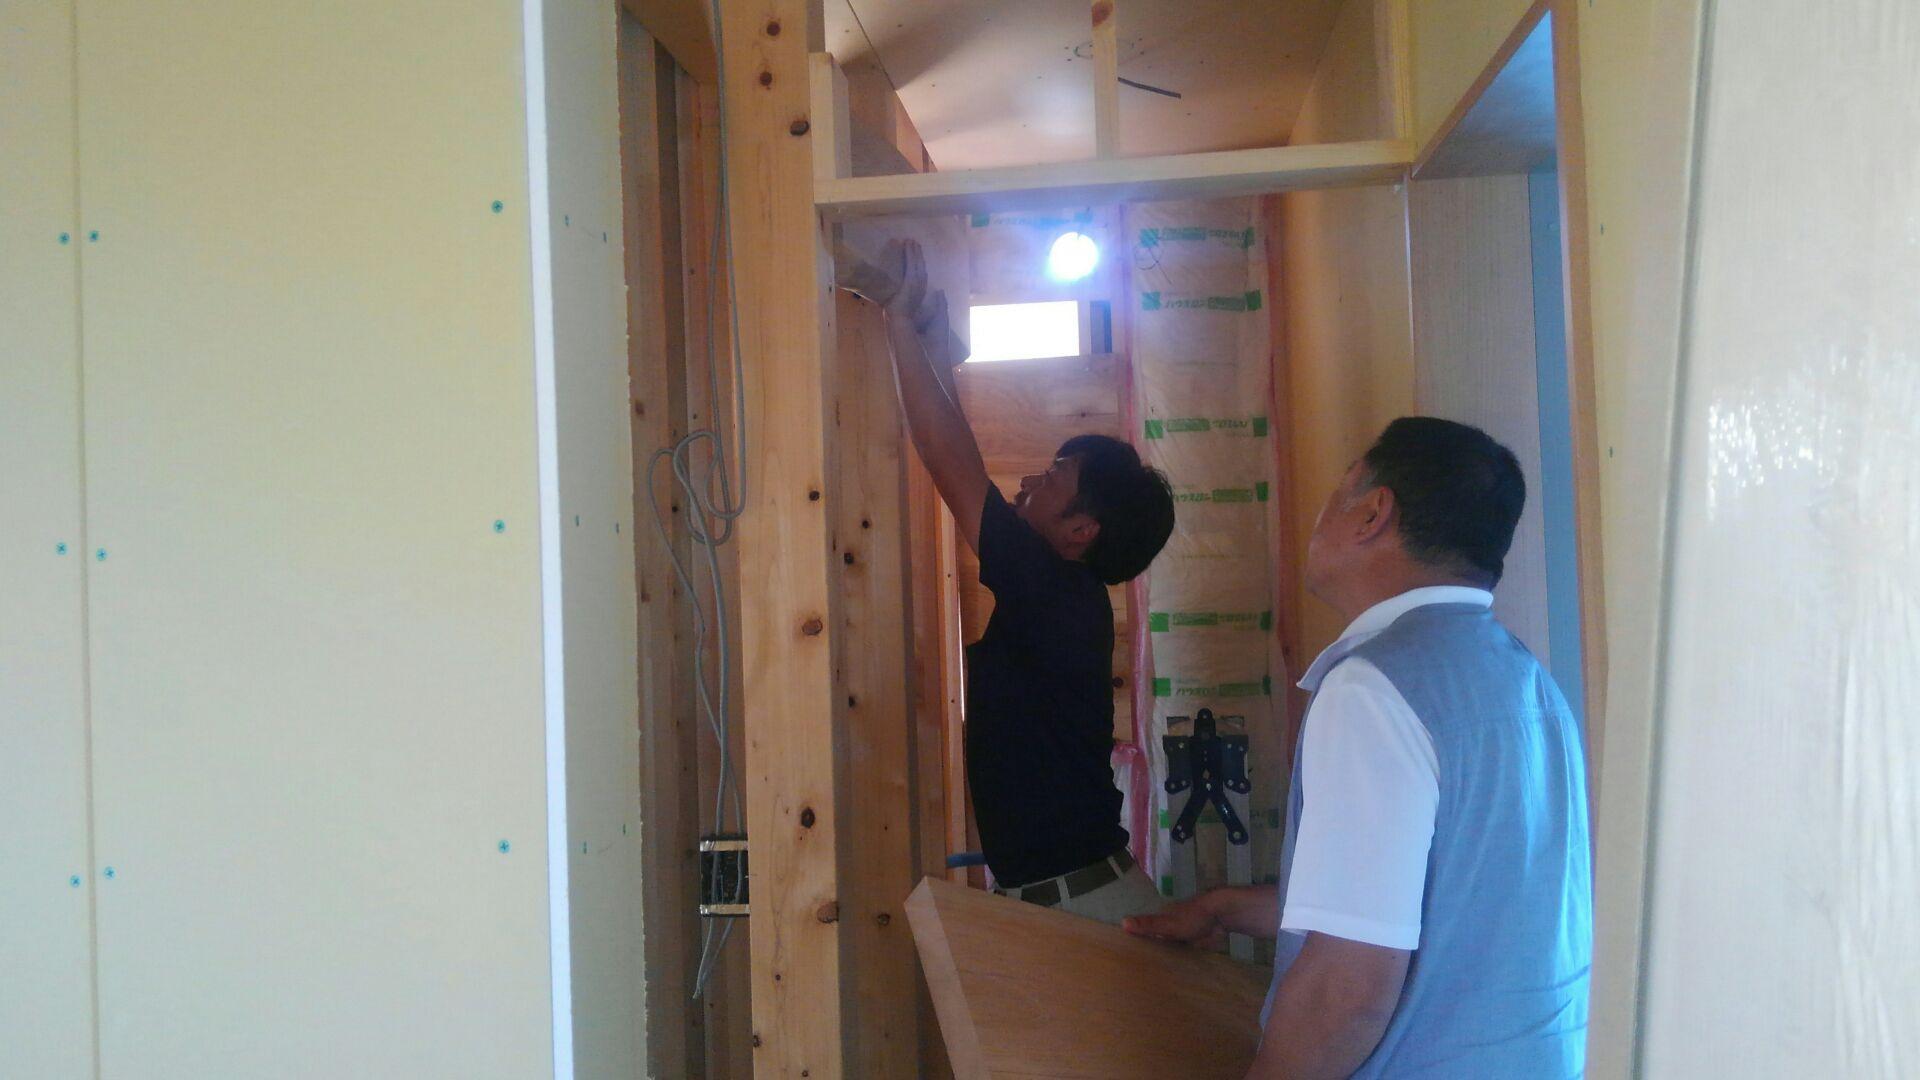 1階のゲスト用トイレお客様のイメージは「和」の雰囲気。欅の木を手洗カウンターや壁に仕込む予定です。お客さまも大満足!実はこの欅の耳付き板、お客様の本家に眠っていた代物。大工さんがキレイに甦らせました。仕上がりが楽しみです